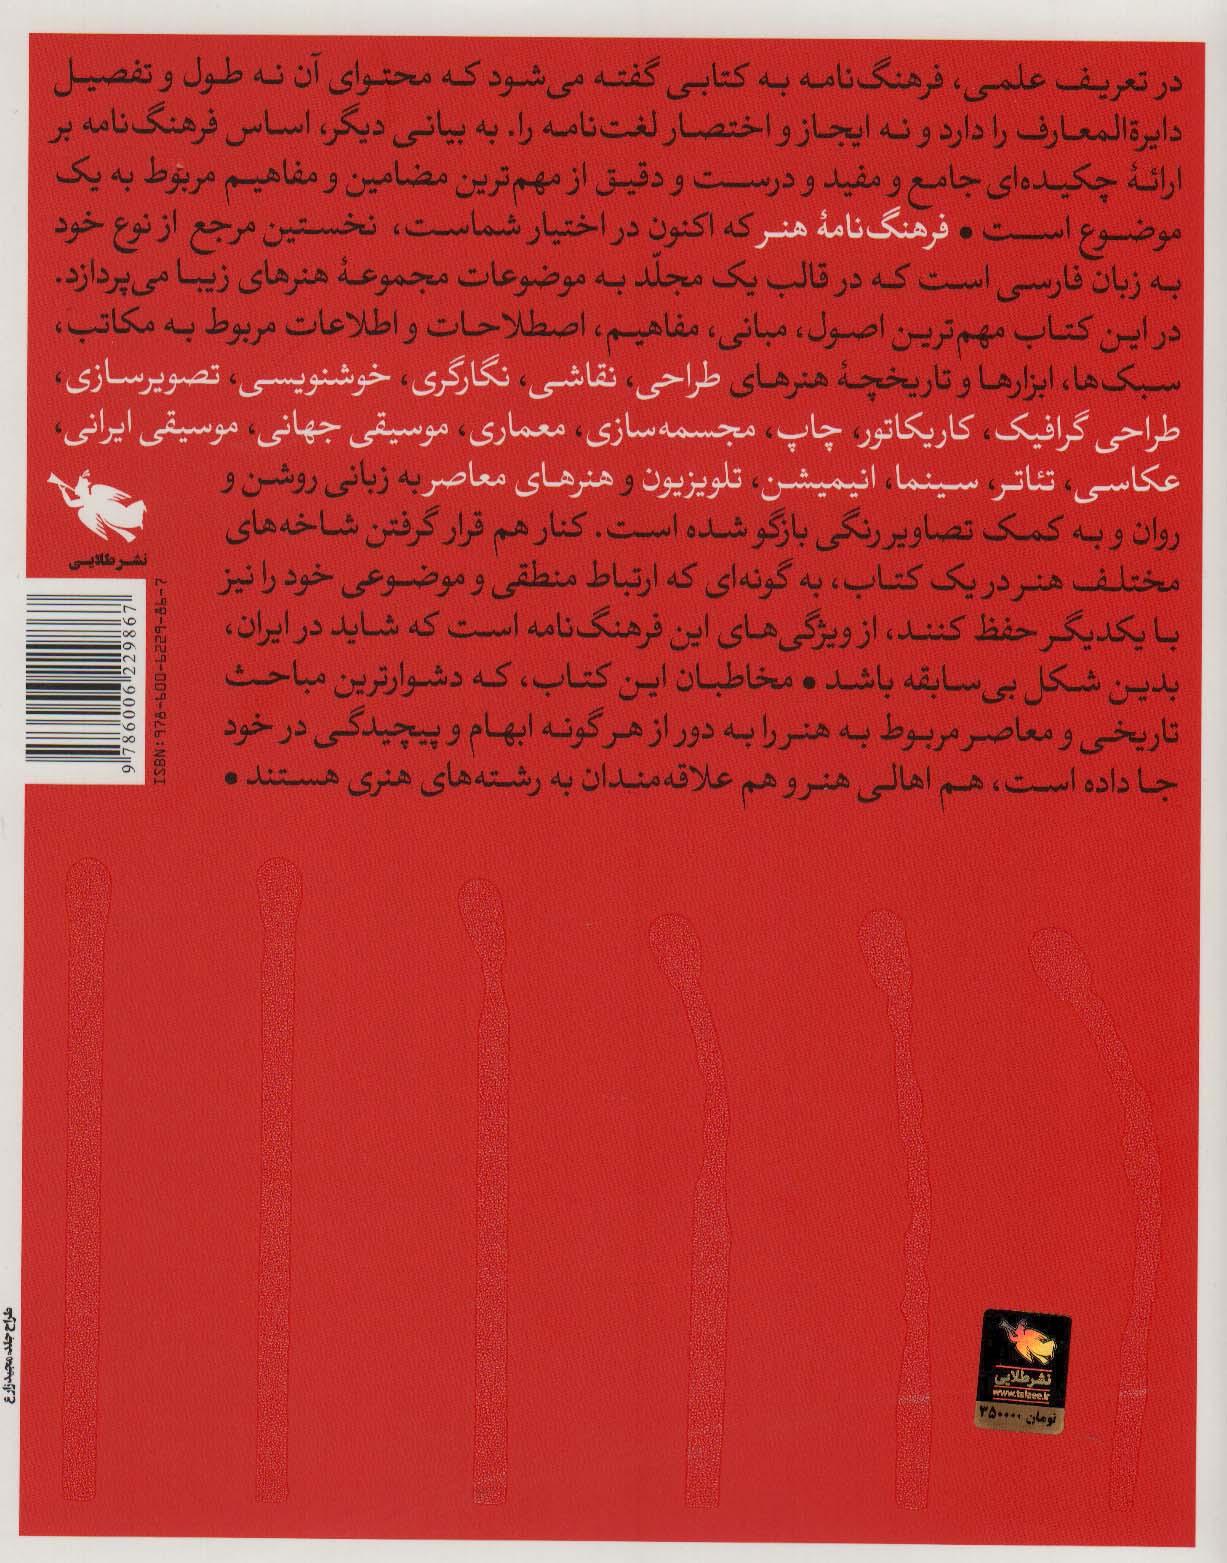 فرهنگ نامه هنر (گلاسه،باقاب)